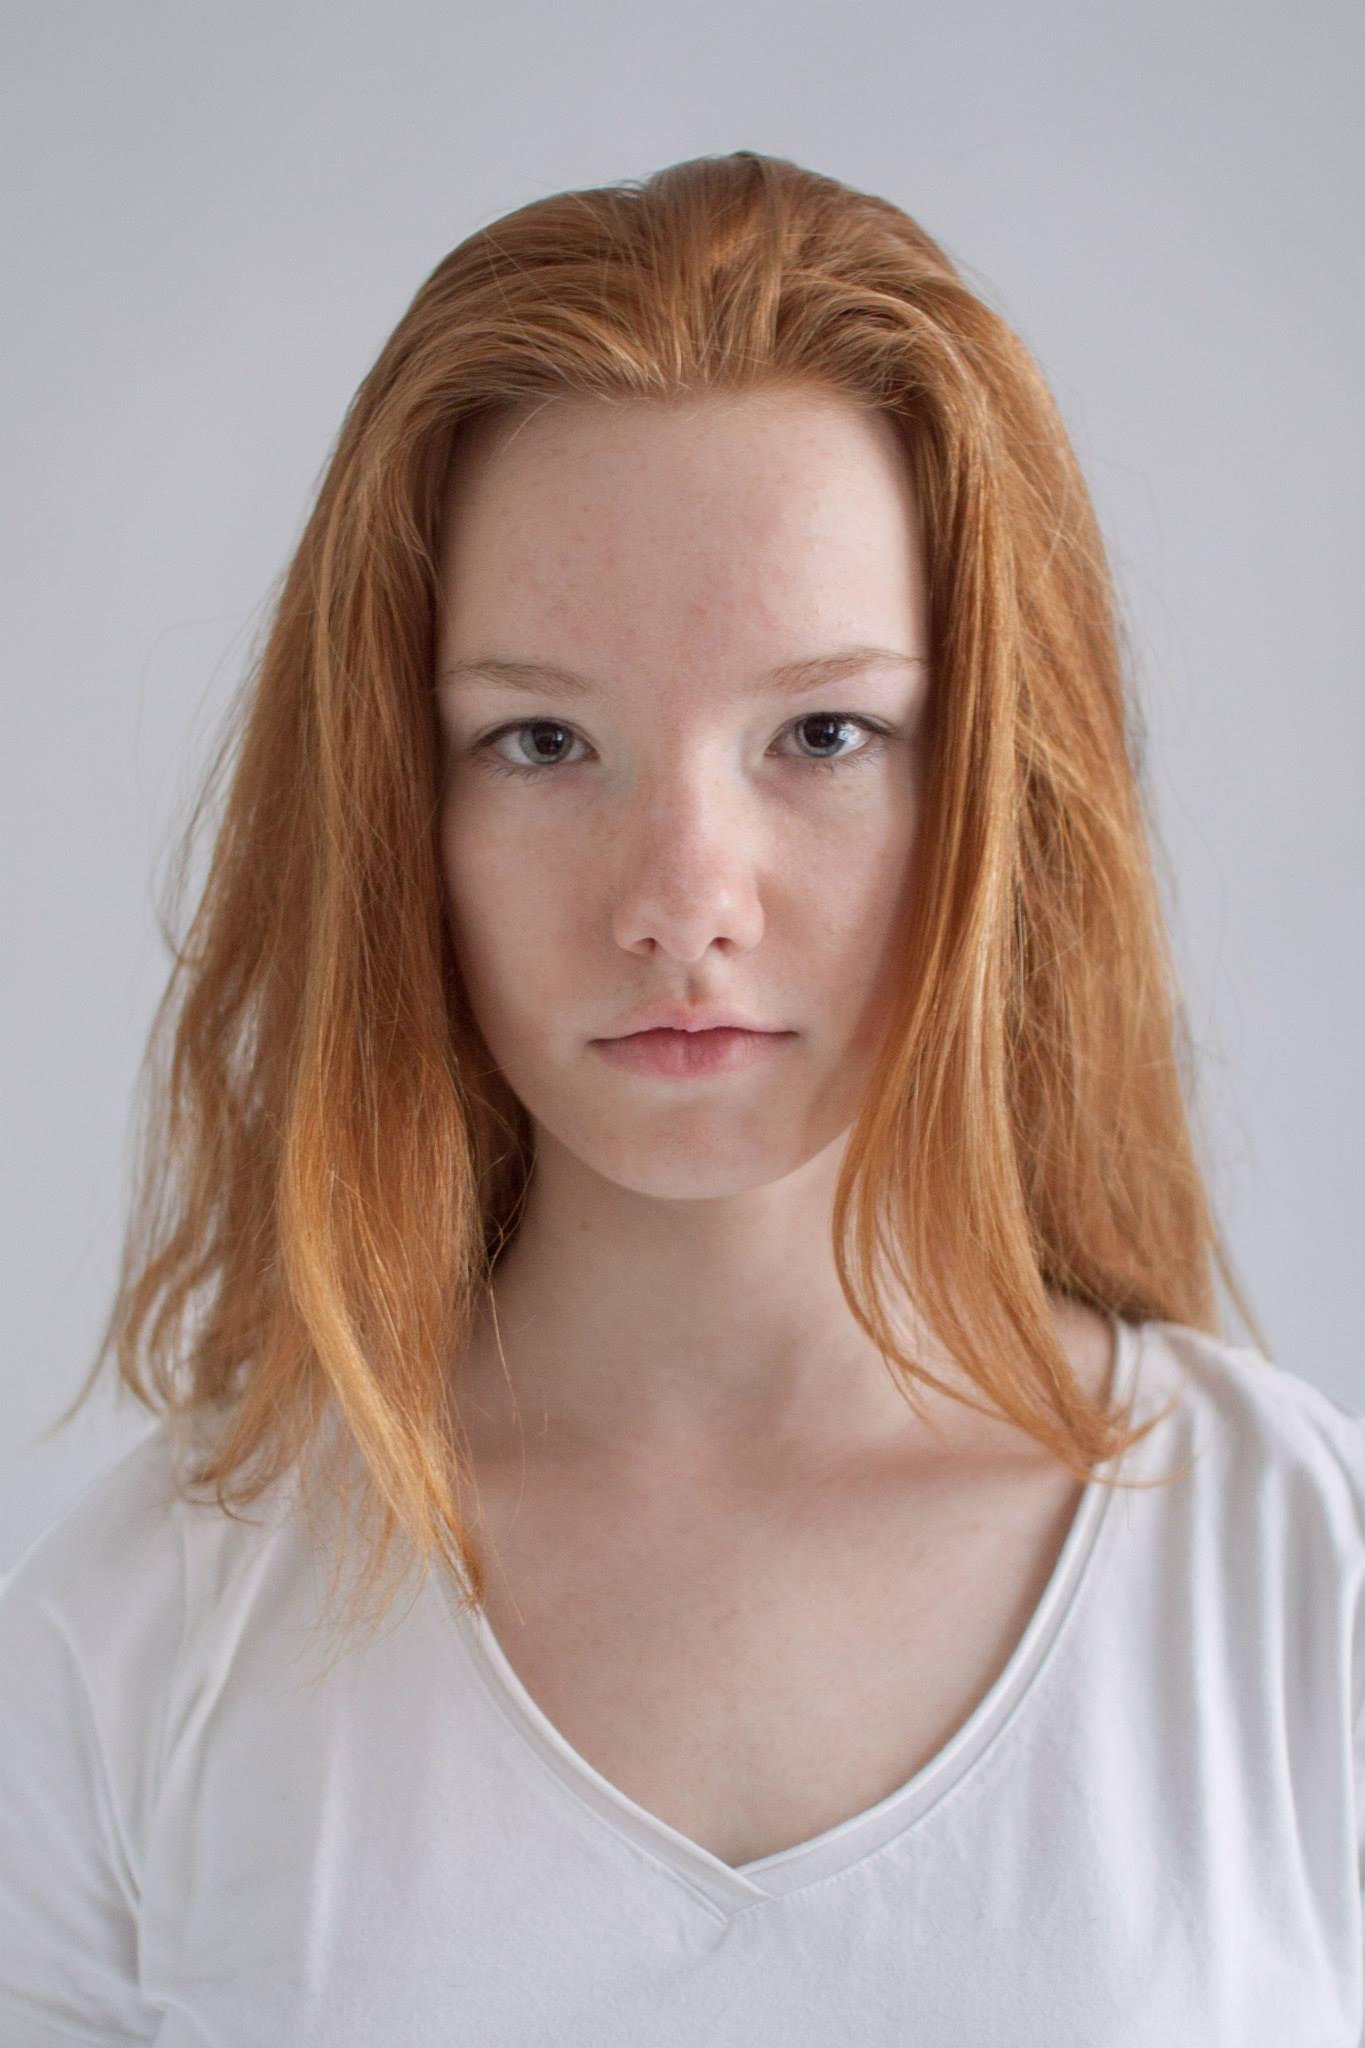 Projeto Ginger: Retratos que lutam contra a discriminação aos ruivos 02